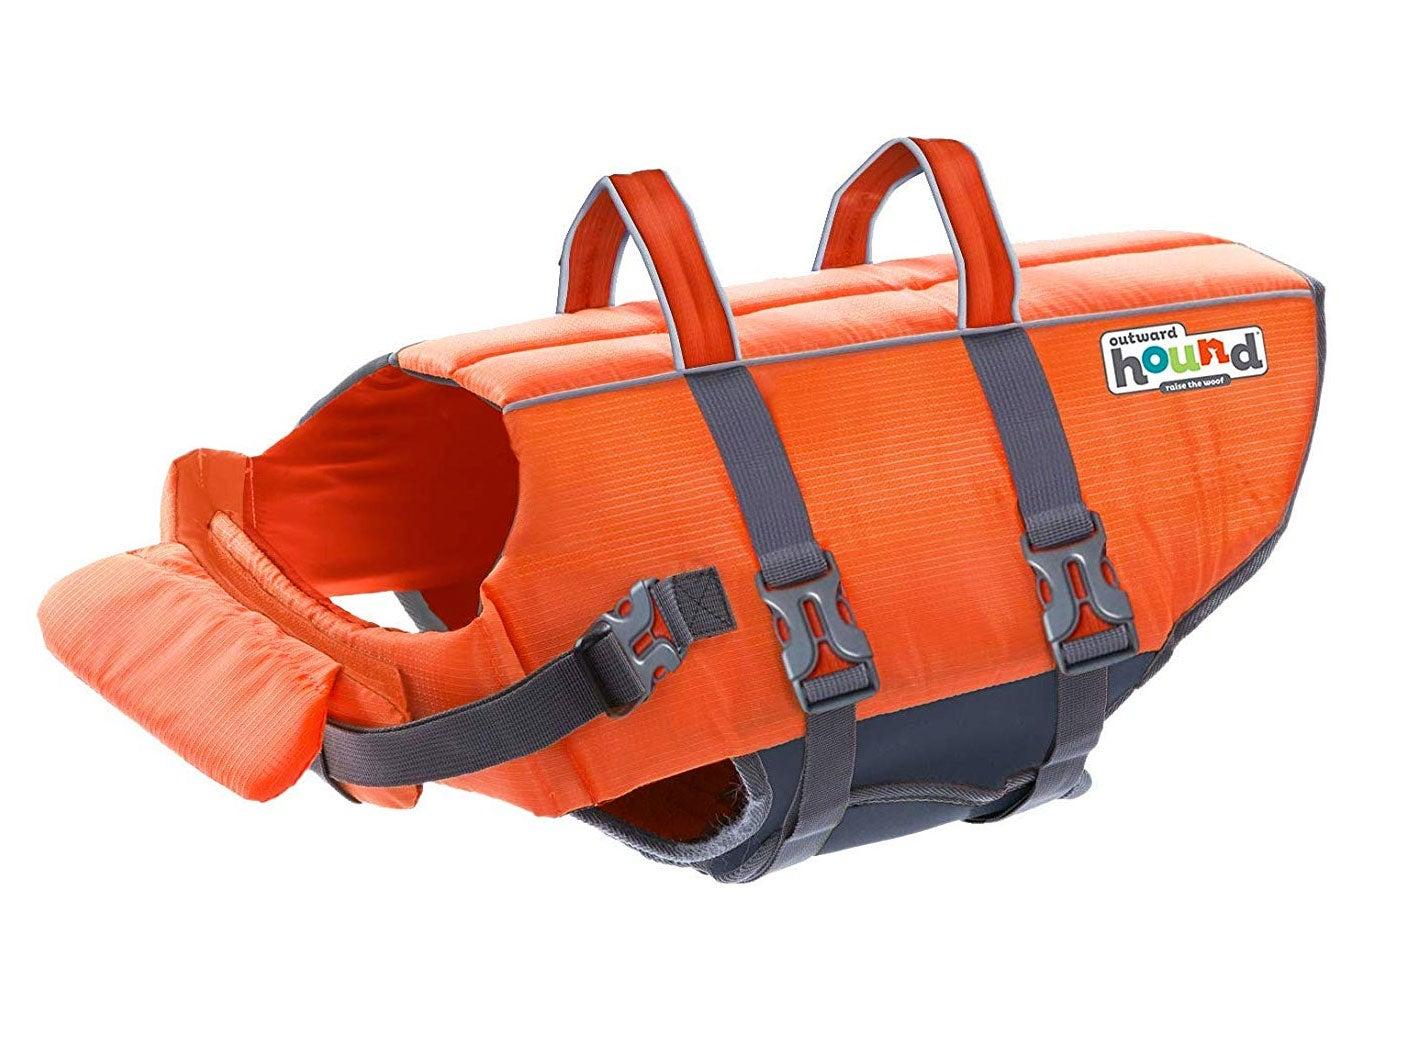 Outward Bound orange doggie lifevest